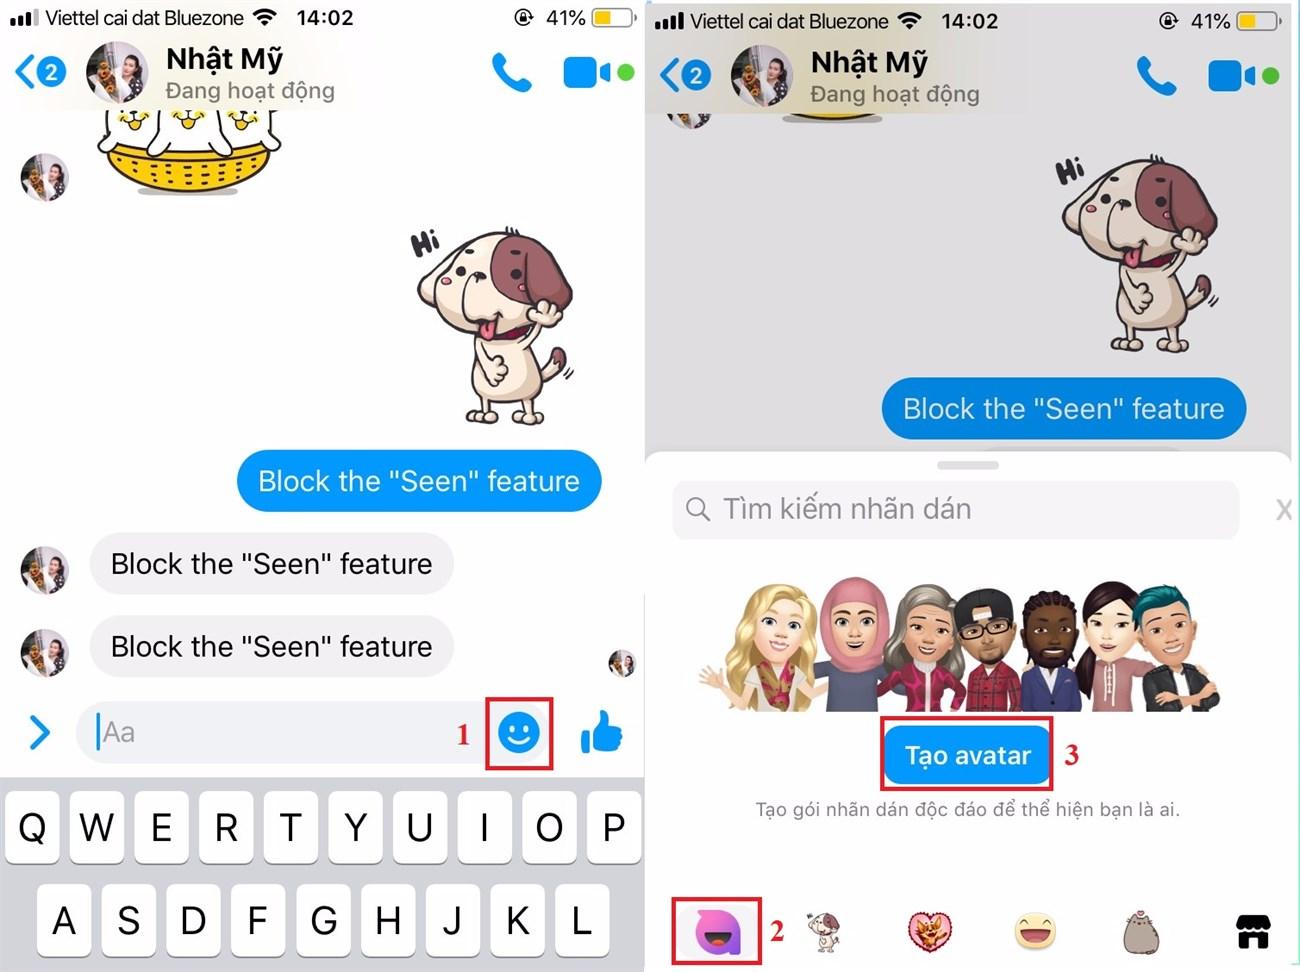 Sử dụng tính năng tạo nhãn dán trên Messenger